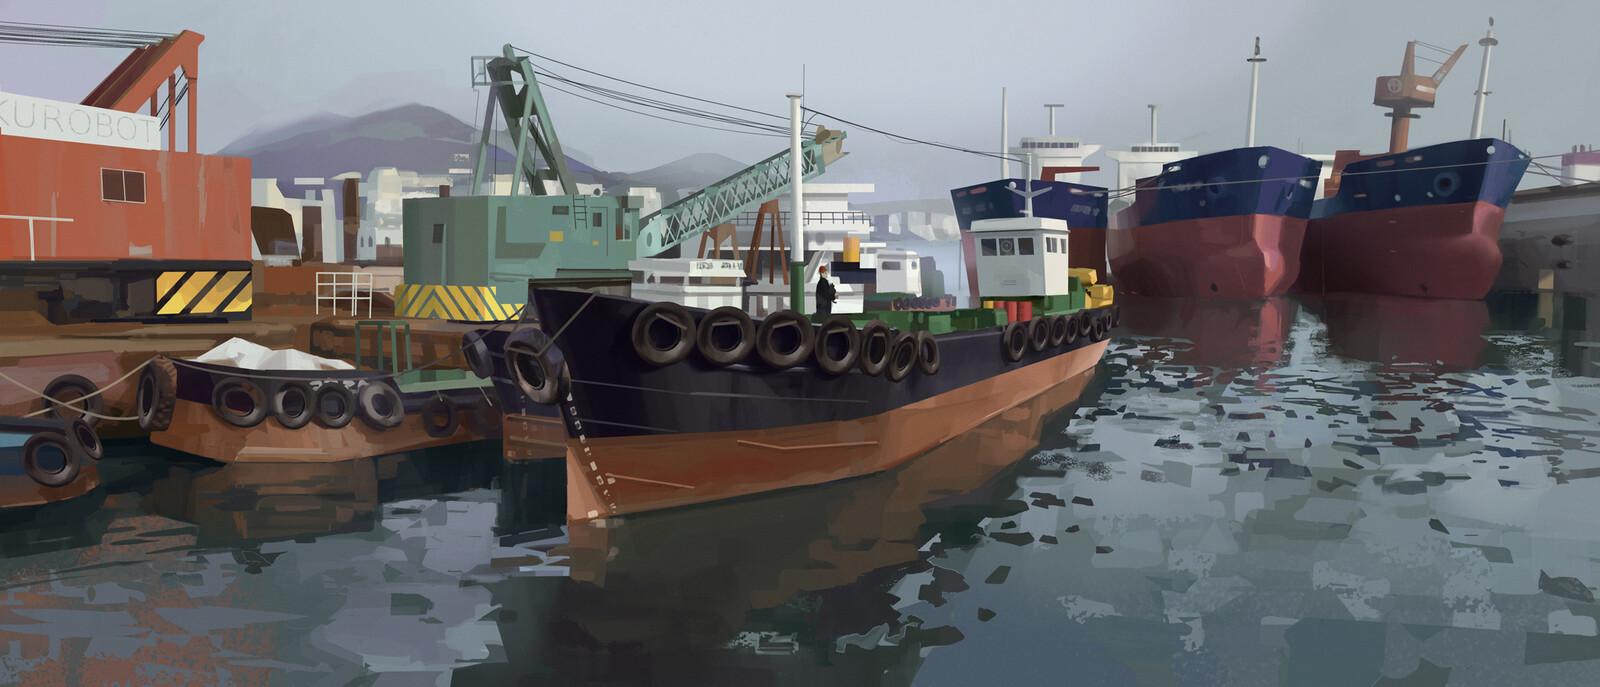 Korean Shipyard (+ process gif)